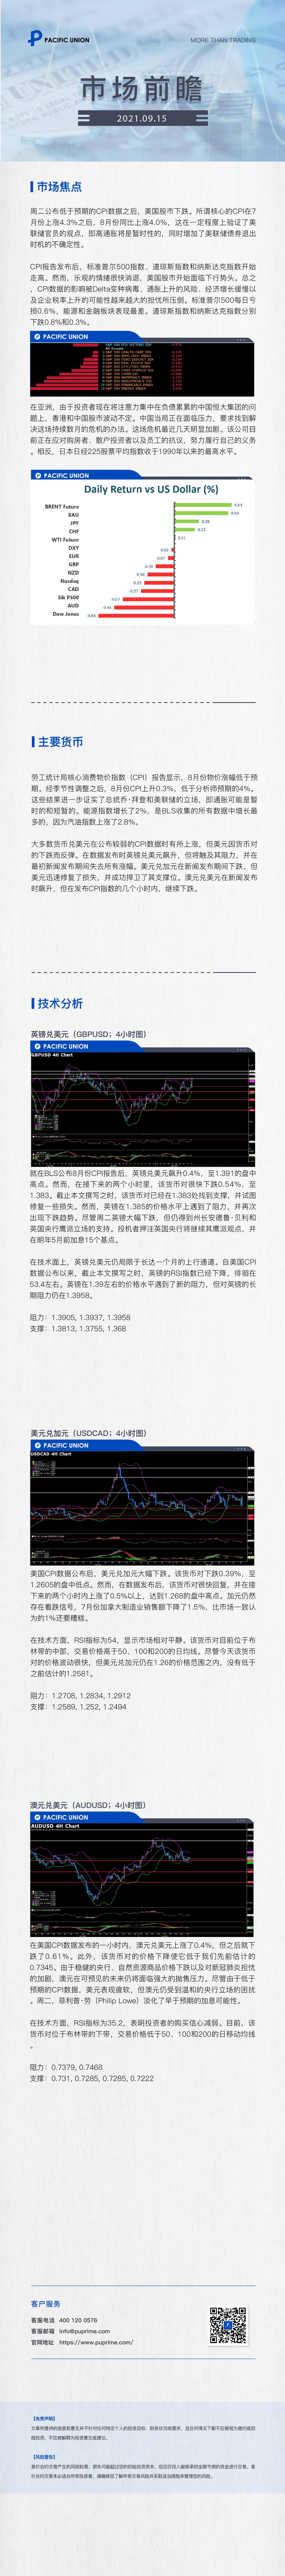 0915 CHN Ver-02.jpg